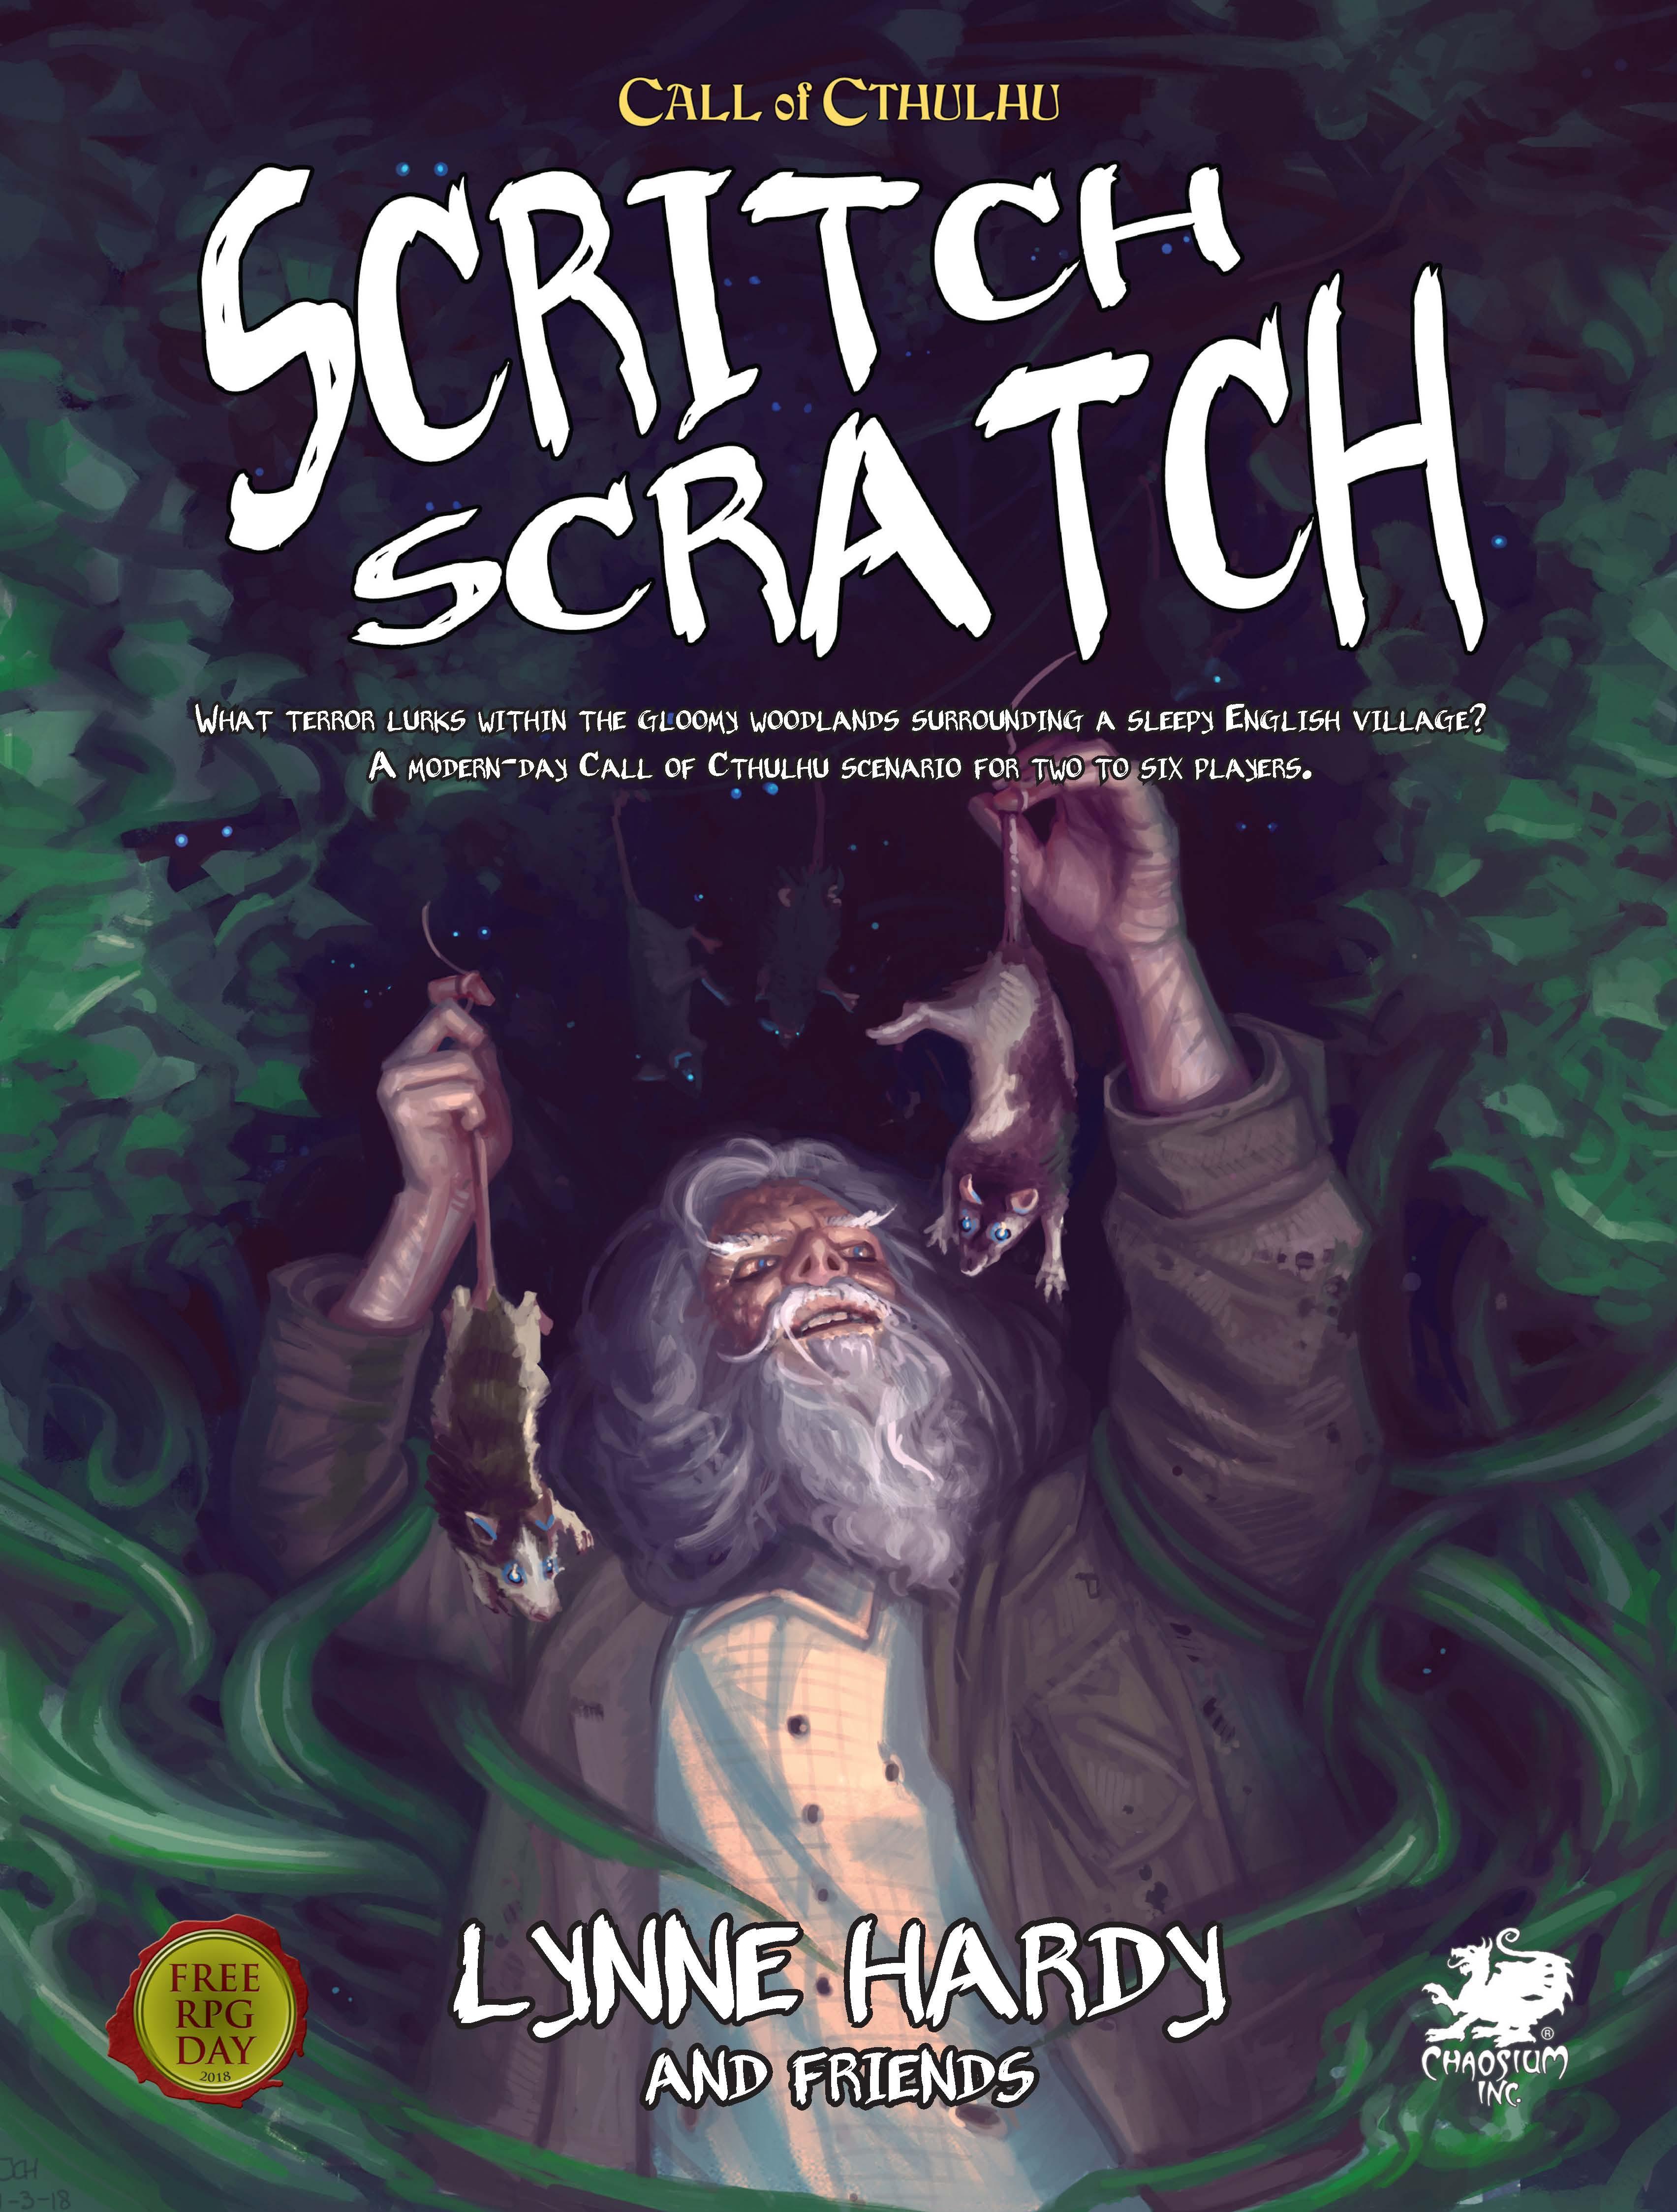 scritch-scratch-front-cover.jpg?t=152819